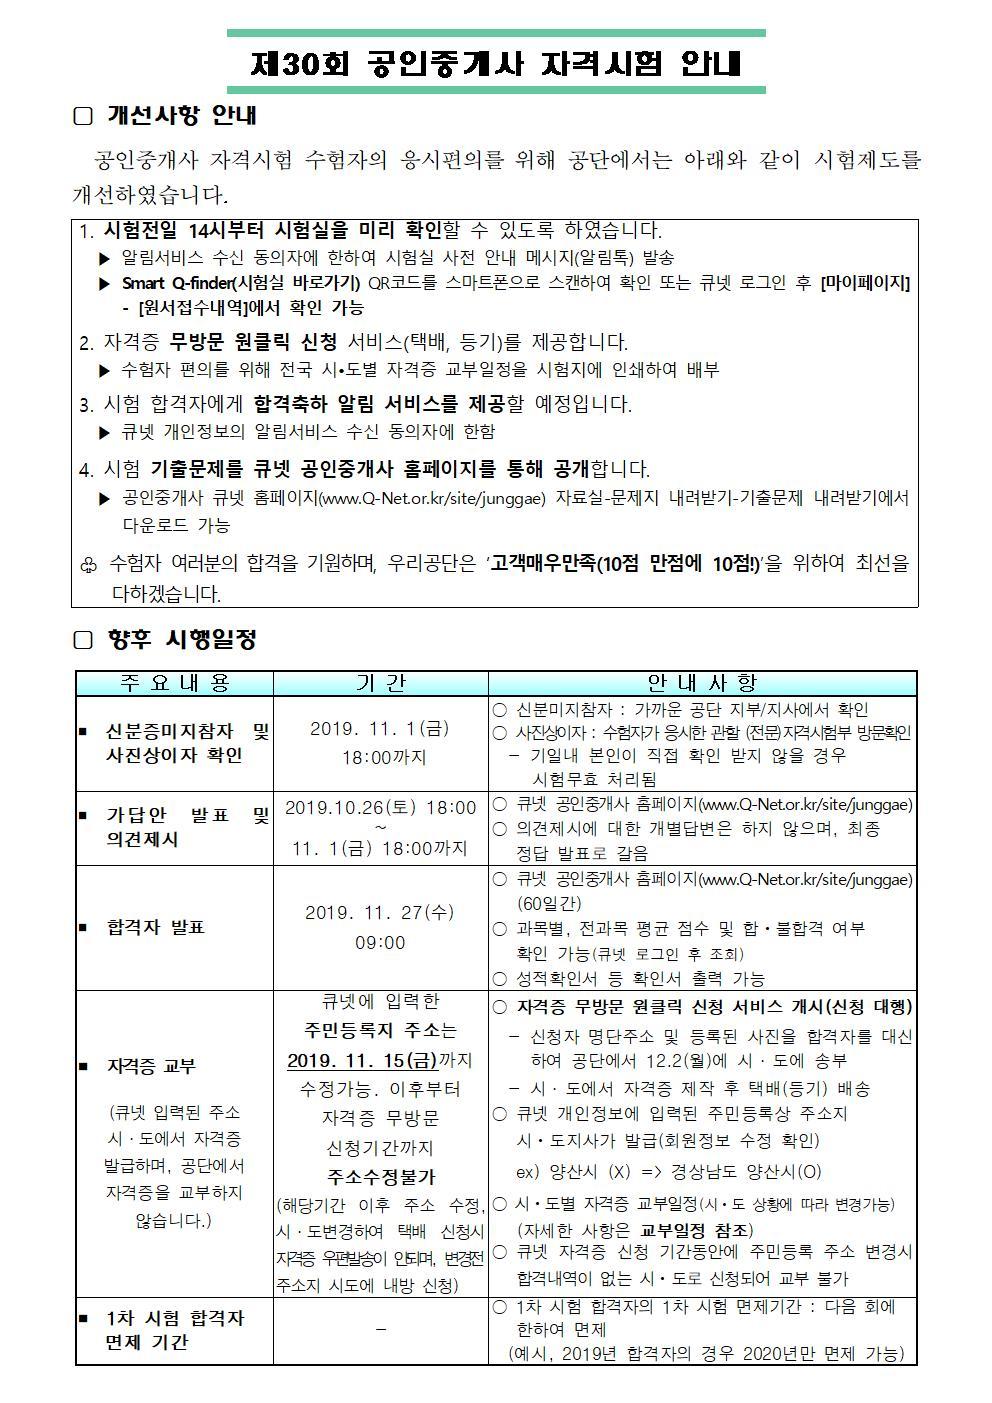 2019년 제30회 공인중개사 자격시험 안내- 큐넷.jpg